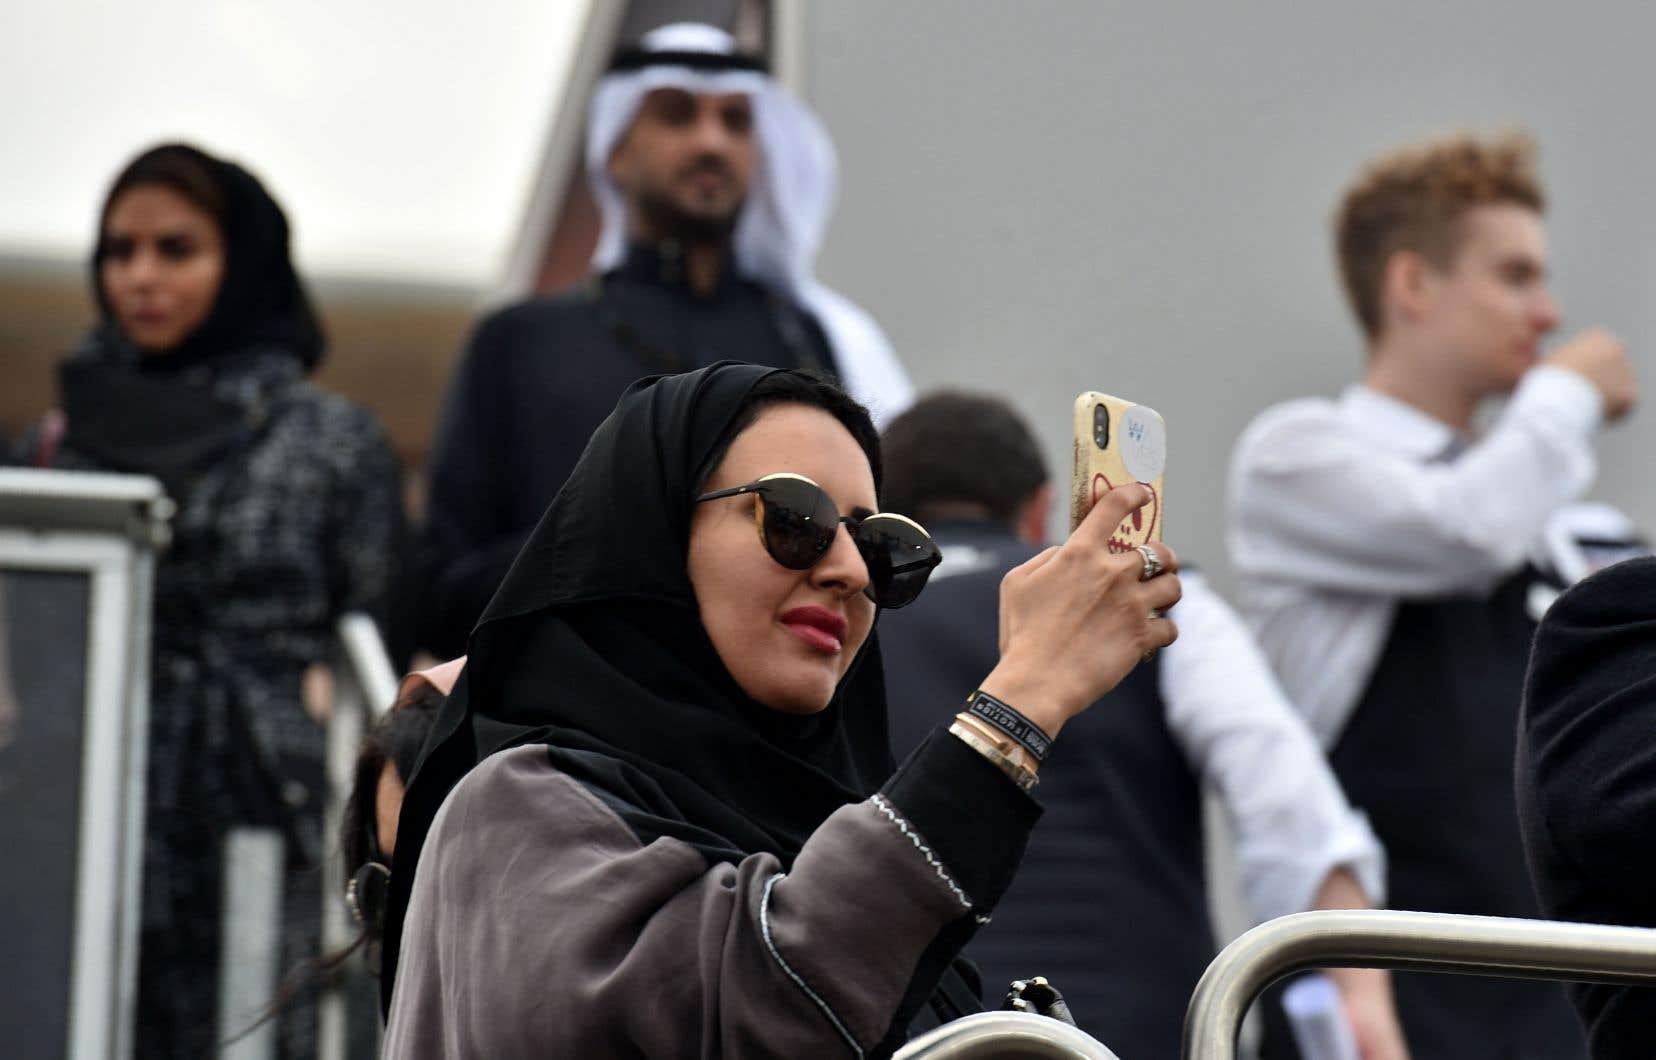 L'Arabie saoudite, royaume ultraconservateur appliquant une version rigoriste de l'islam, accorde peu de droits aux femmes.